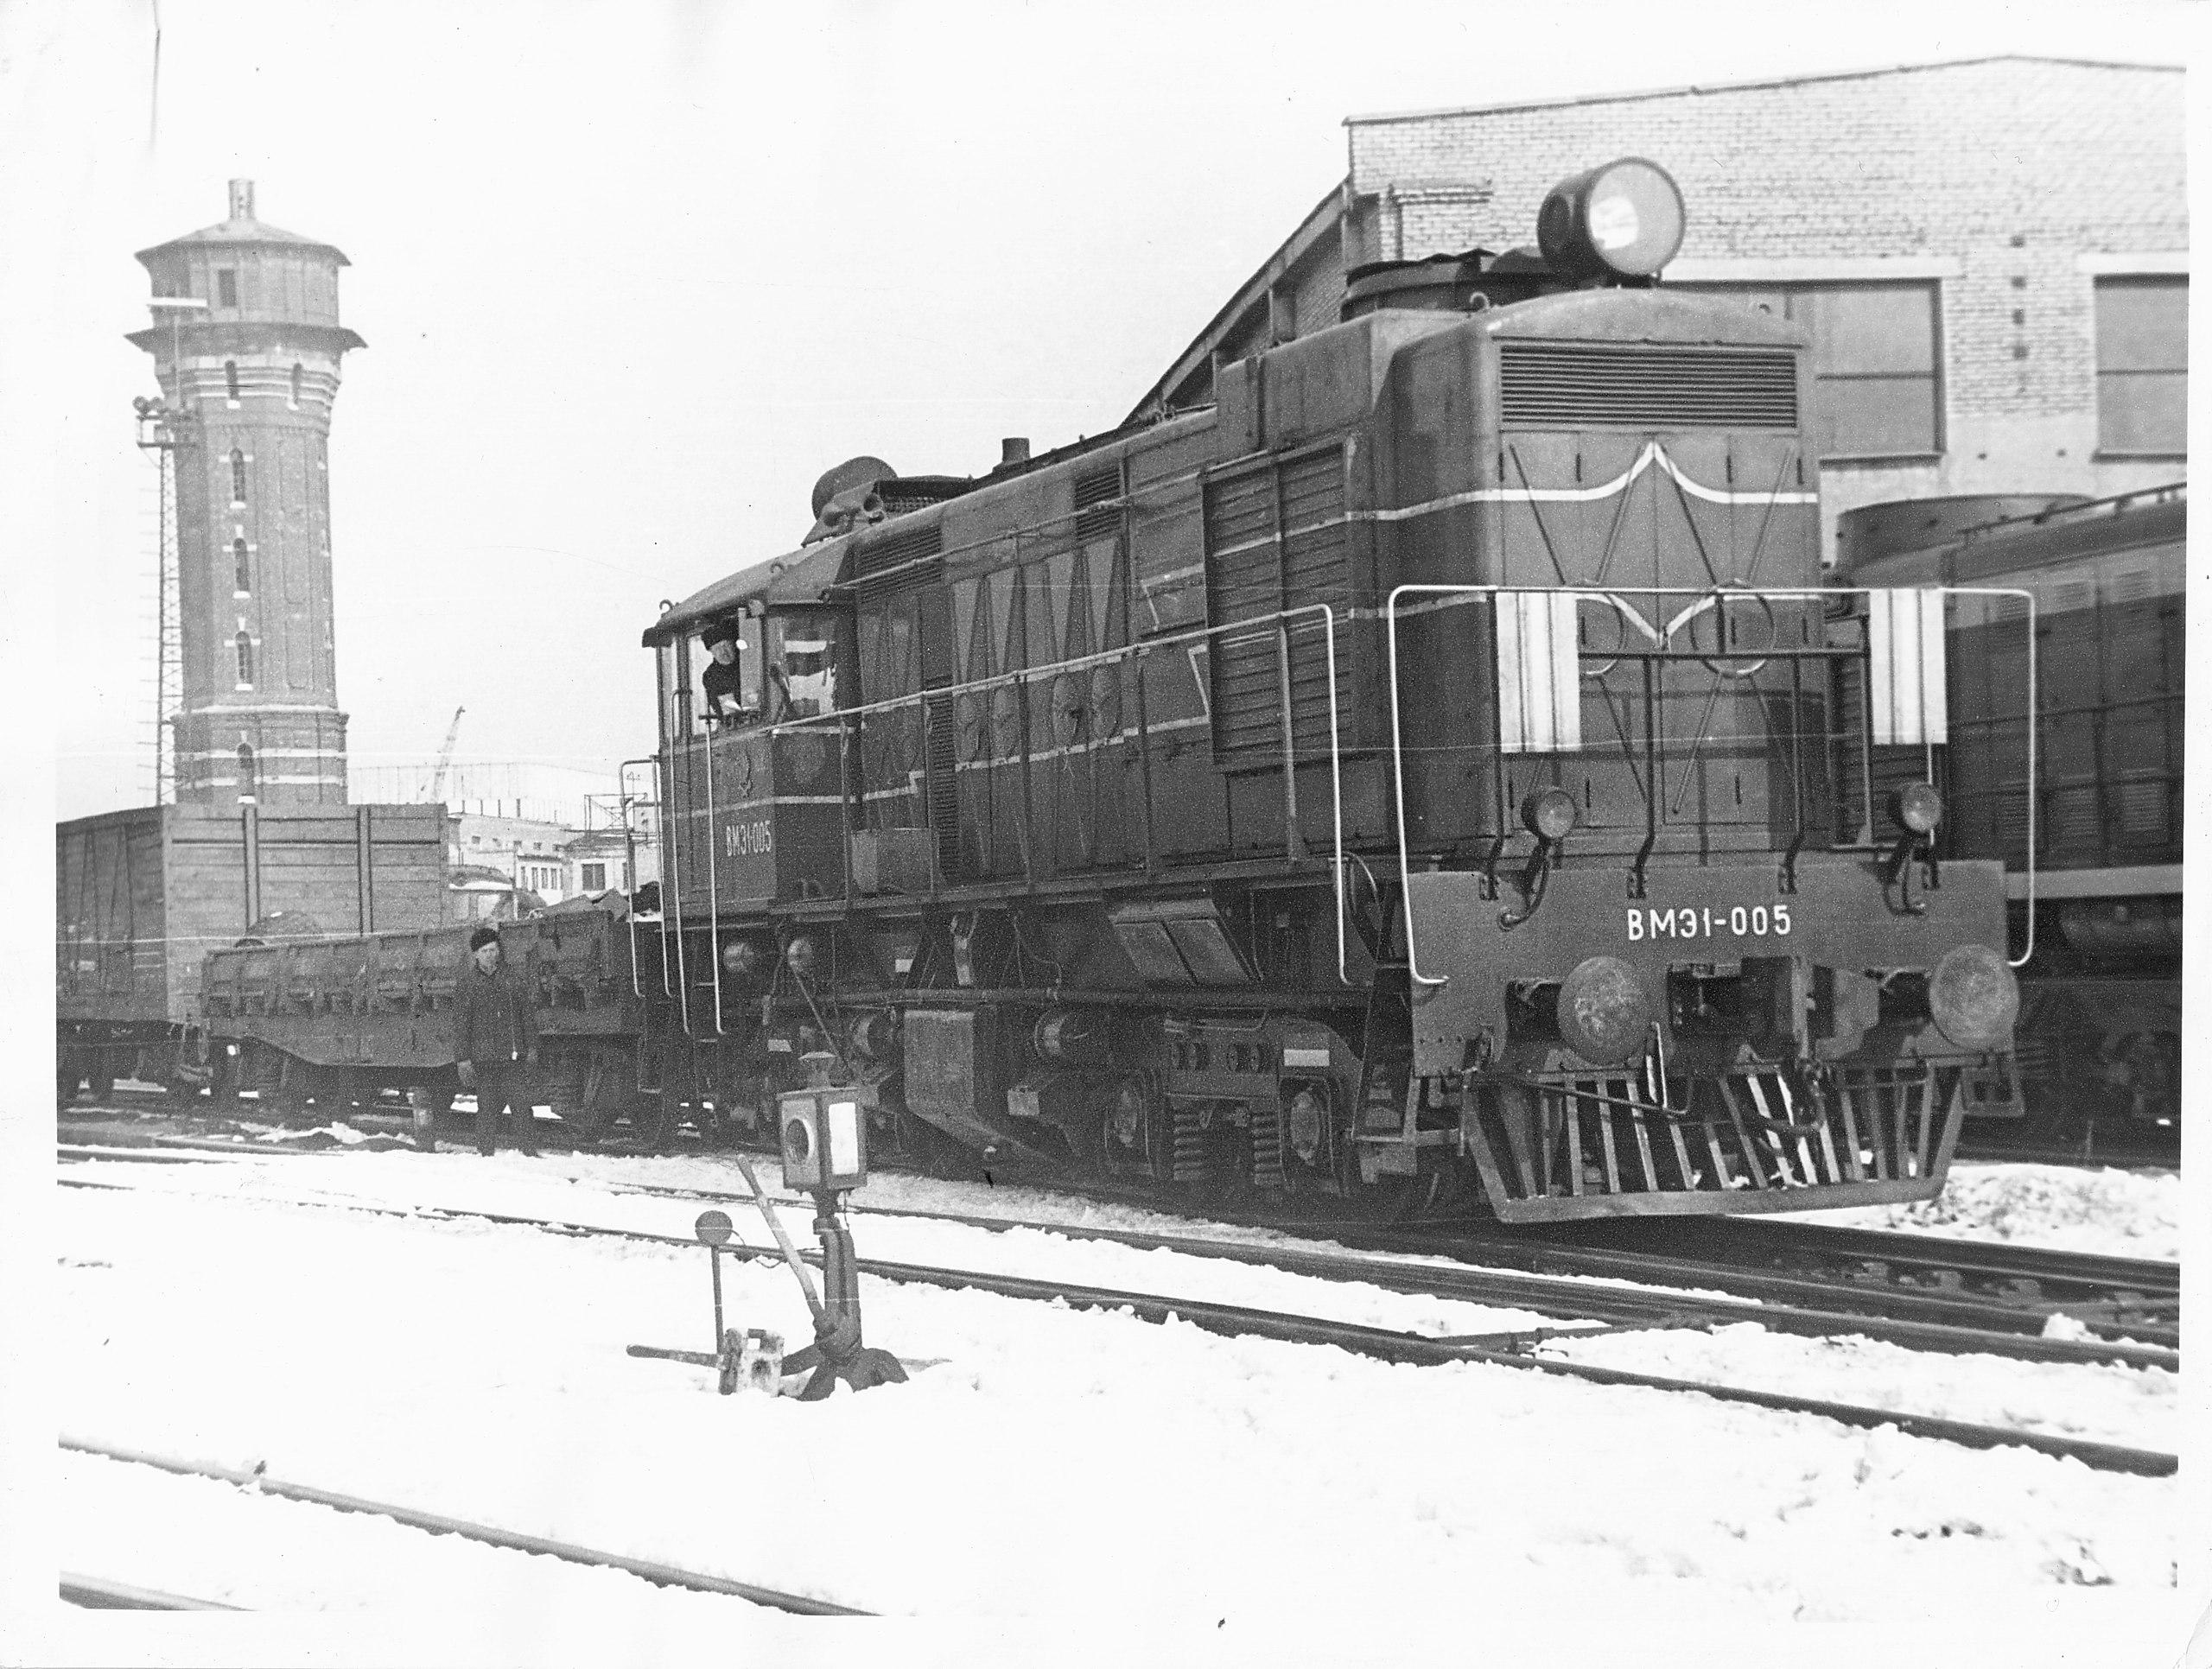 Тепловоз ВМЭ1-005 в локомотивном депо Ленинград-Варшавский, 1960-е